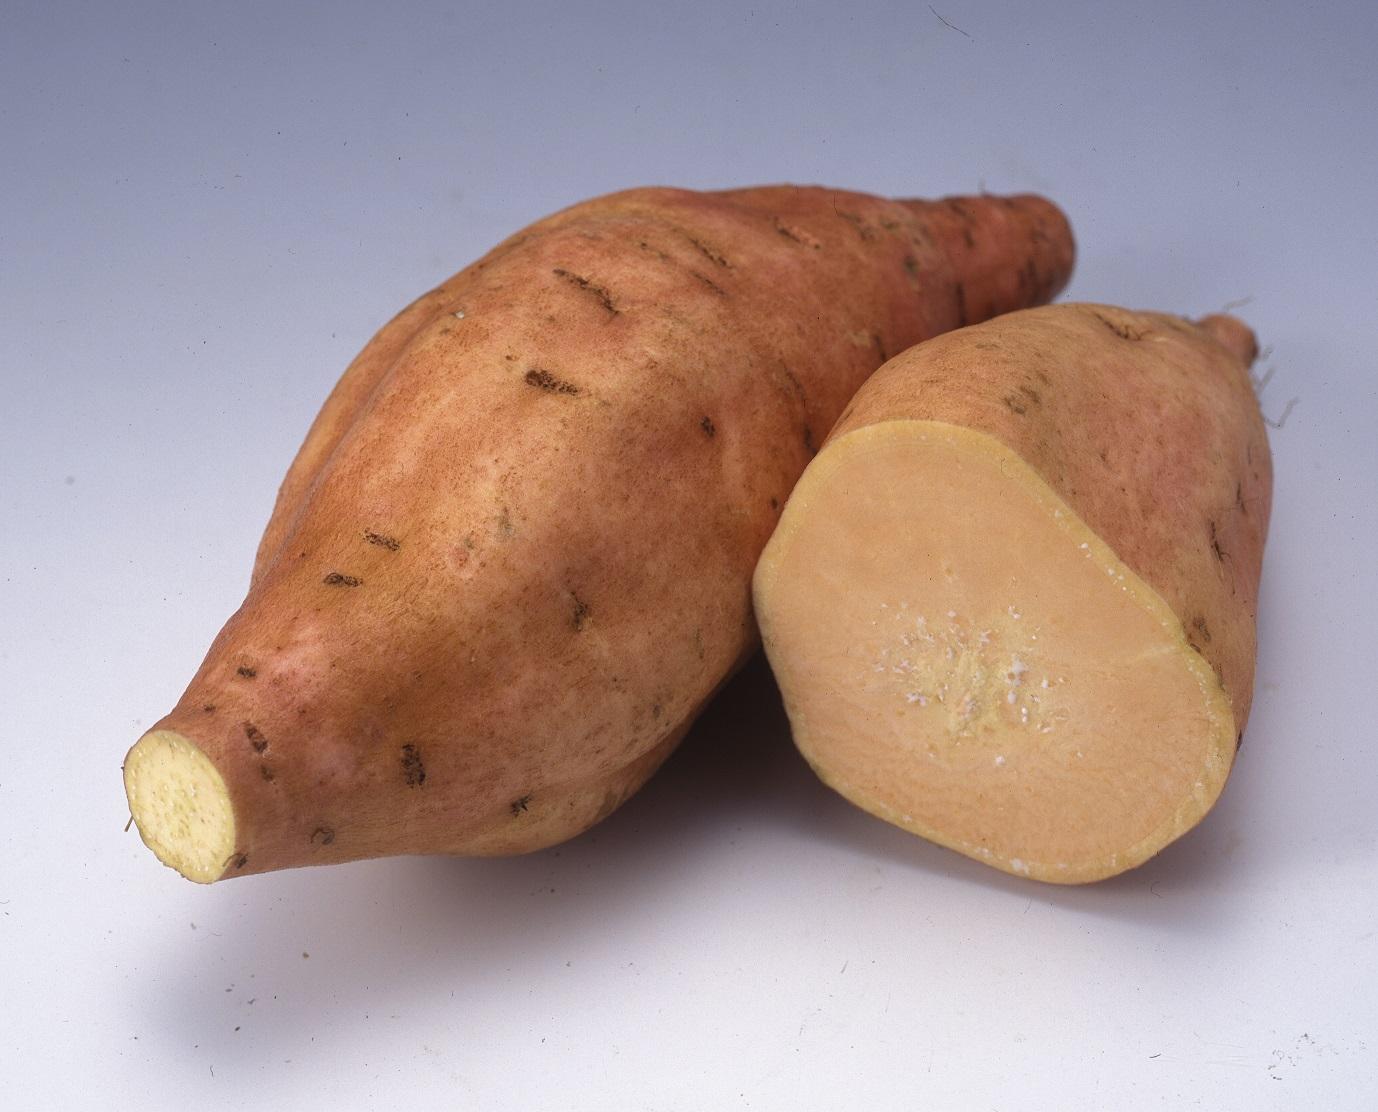 鹿児島県産 ハヤトイモ(1kg)